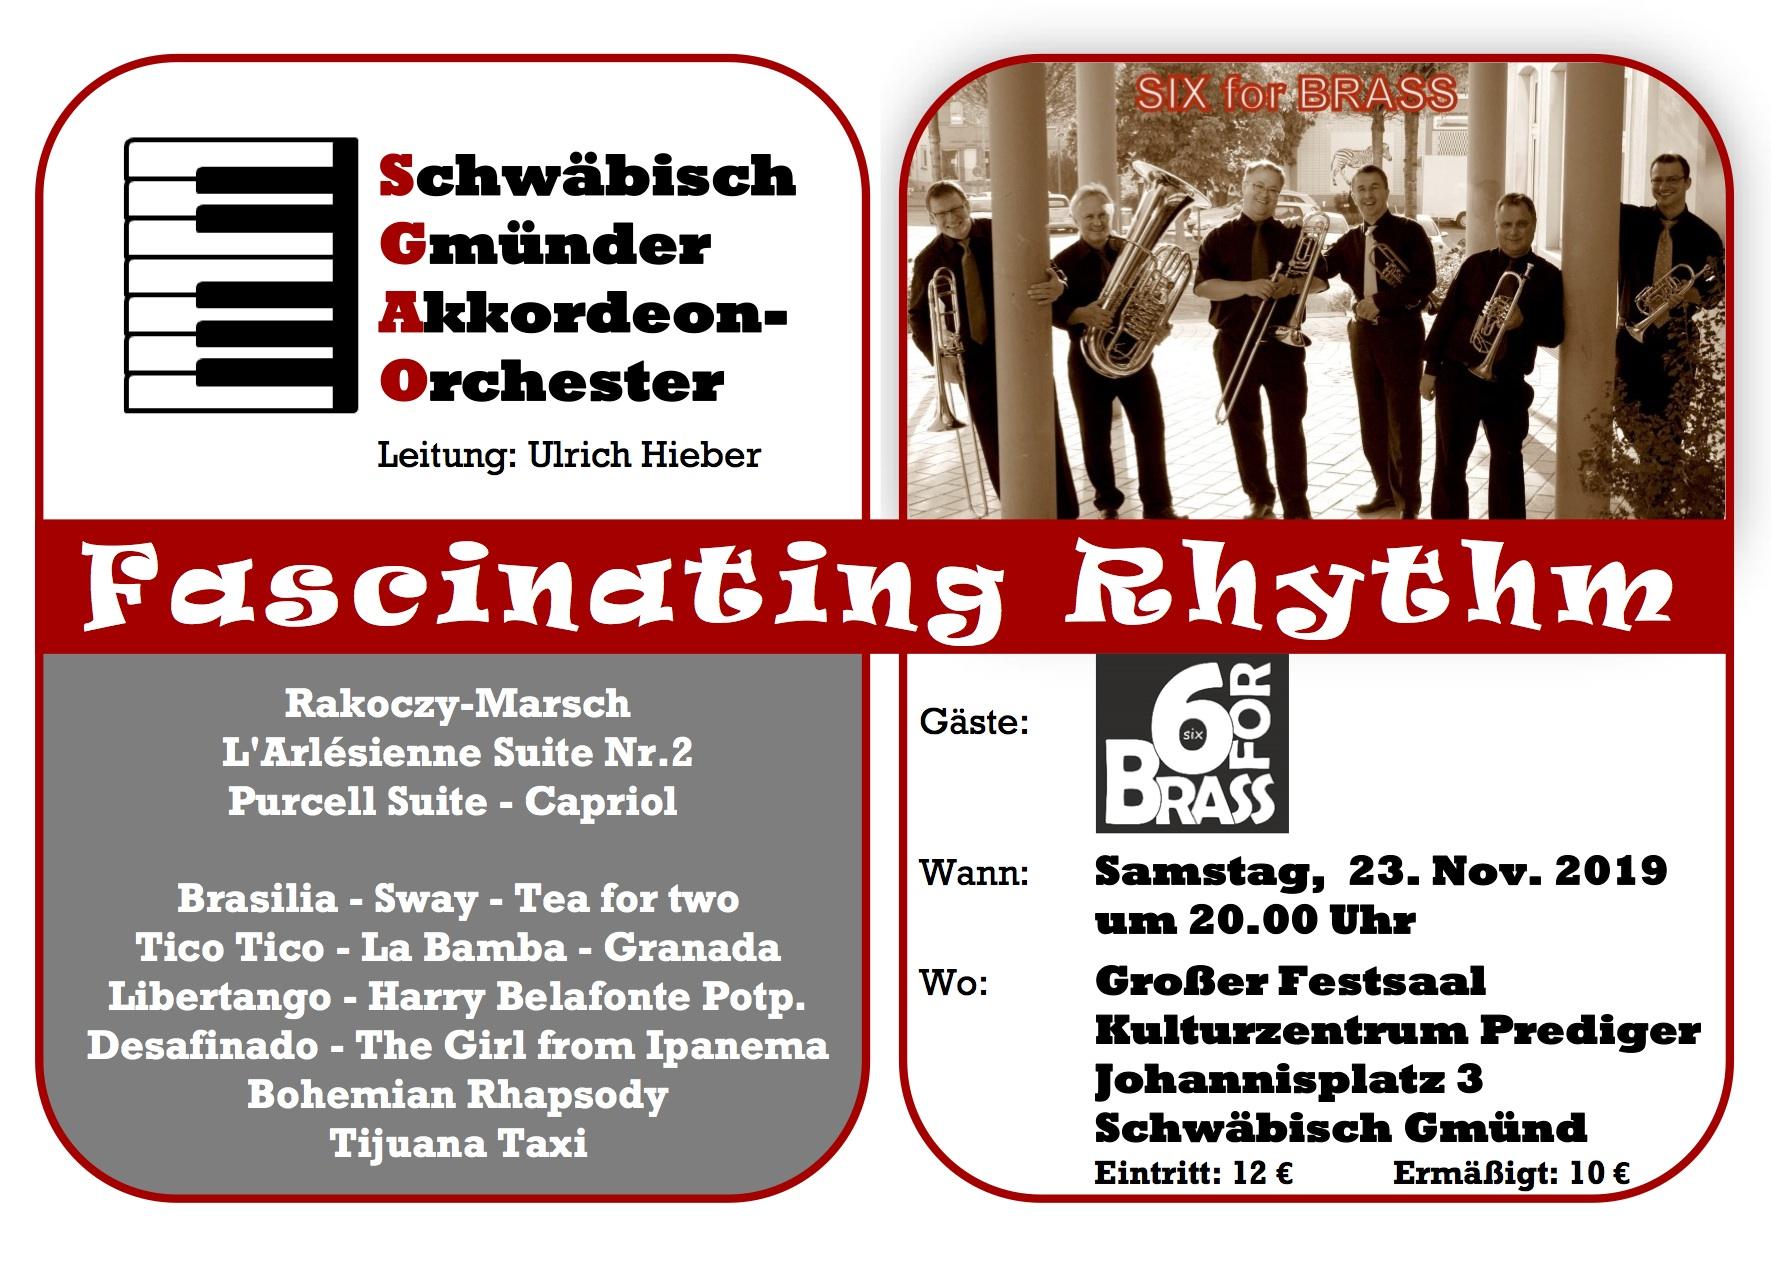 Fascinating Rhythm - Schwäbisch Gmünder Akkordeonorchester